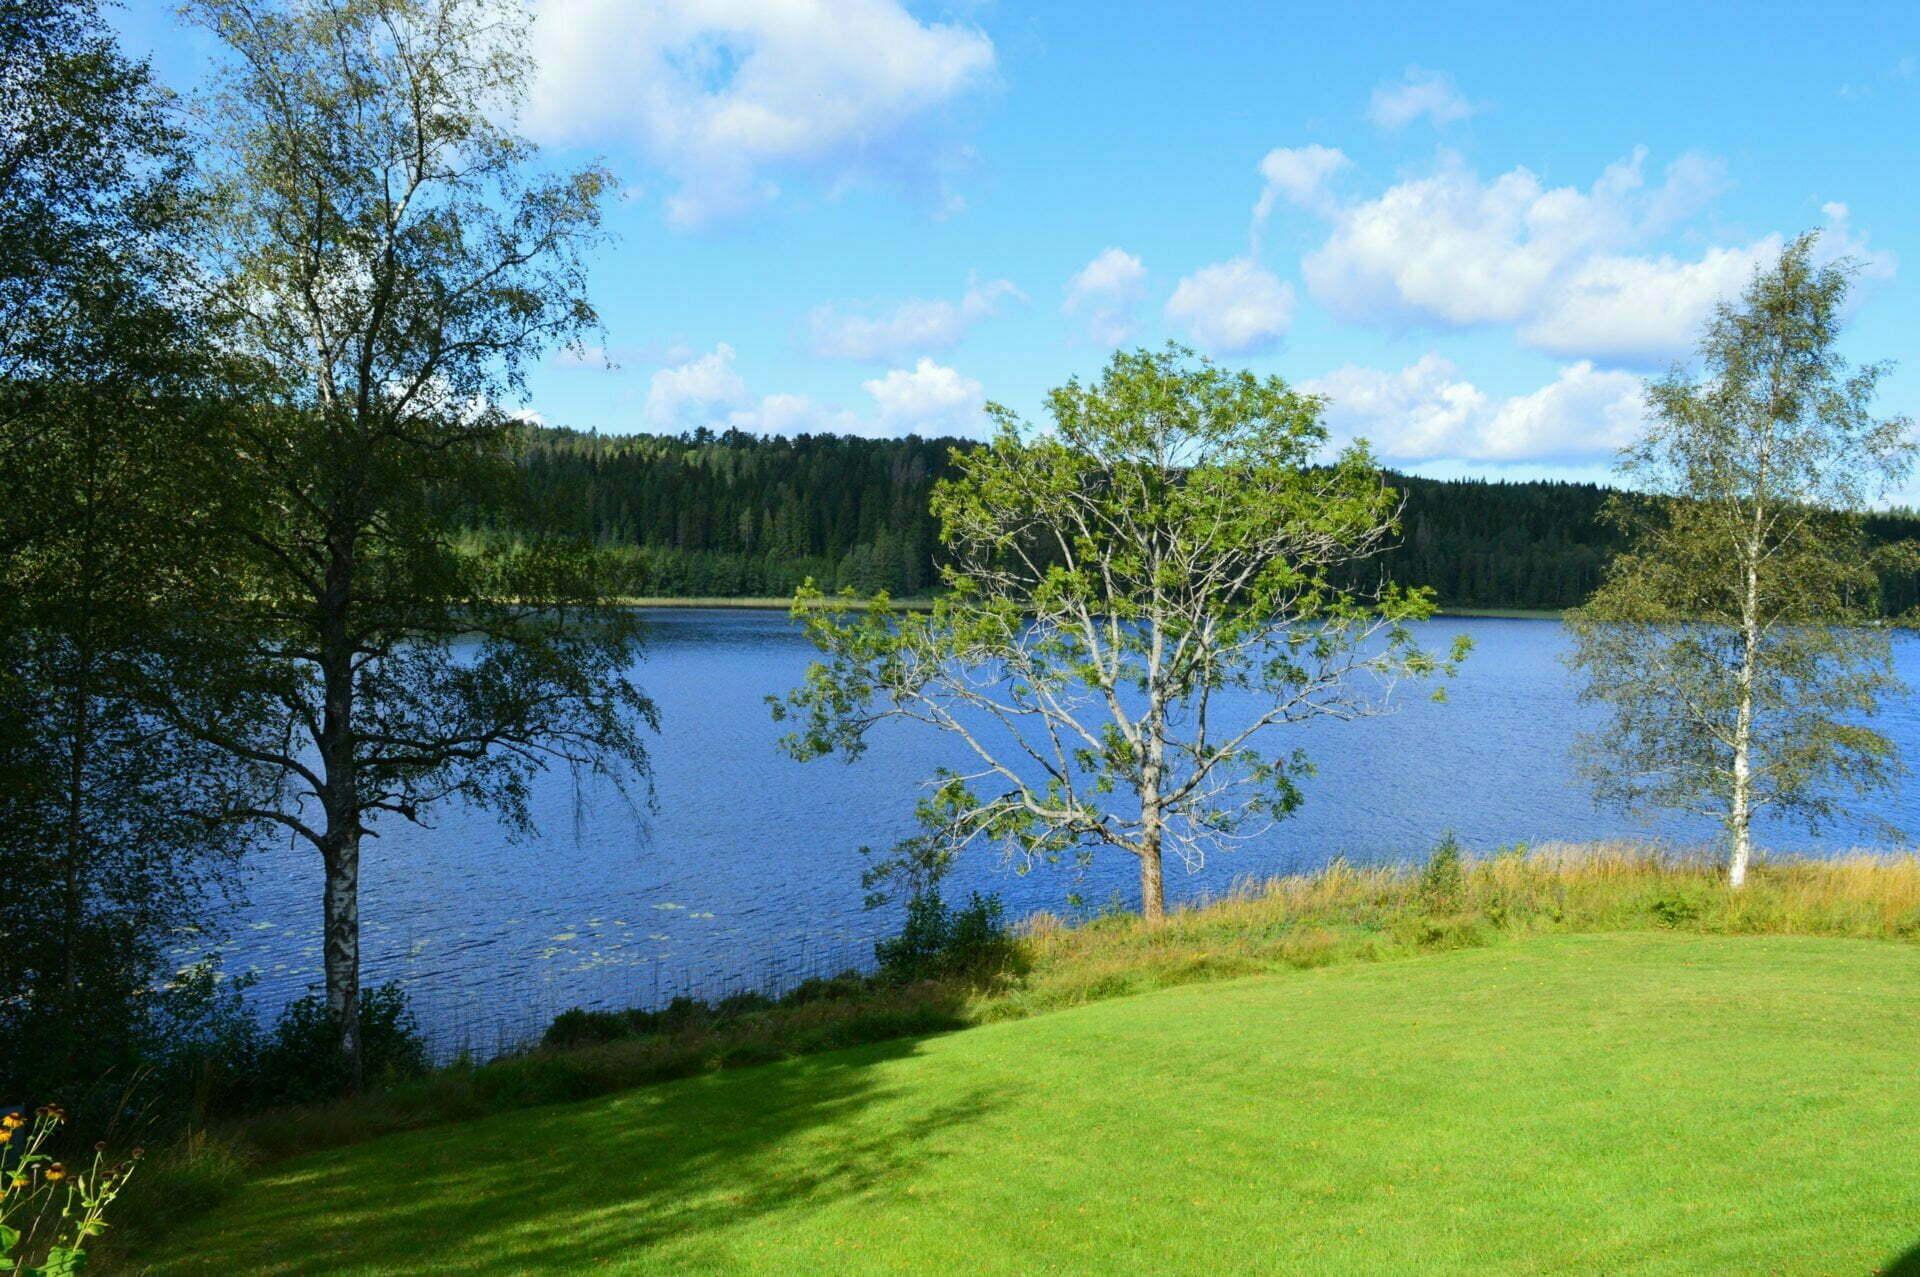 hyr-stuga-dalsland-golf-fiske-semester-dalslandsstuga